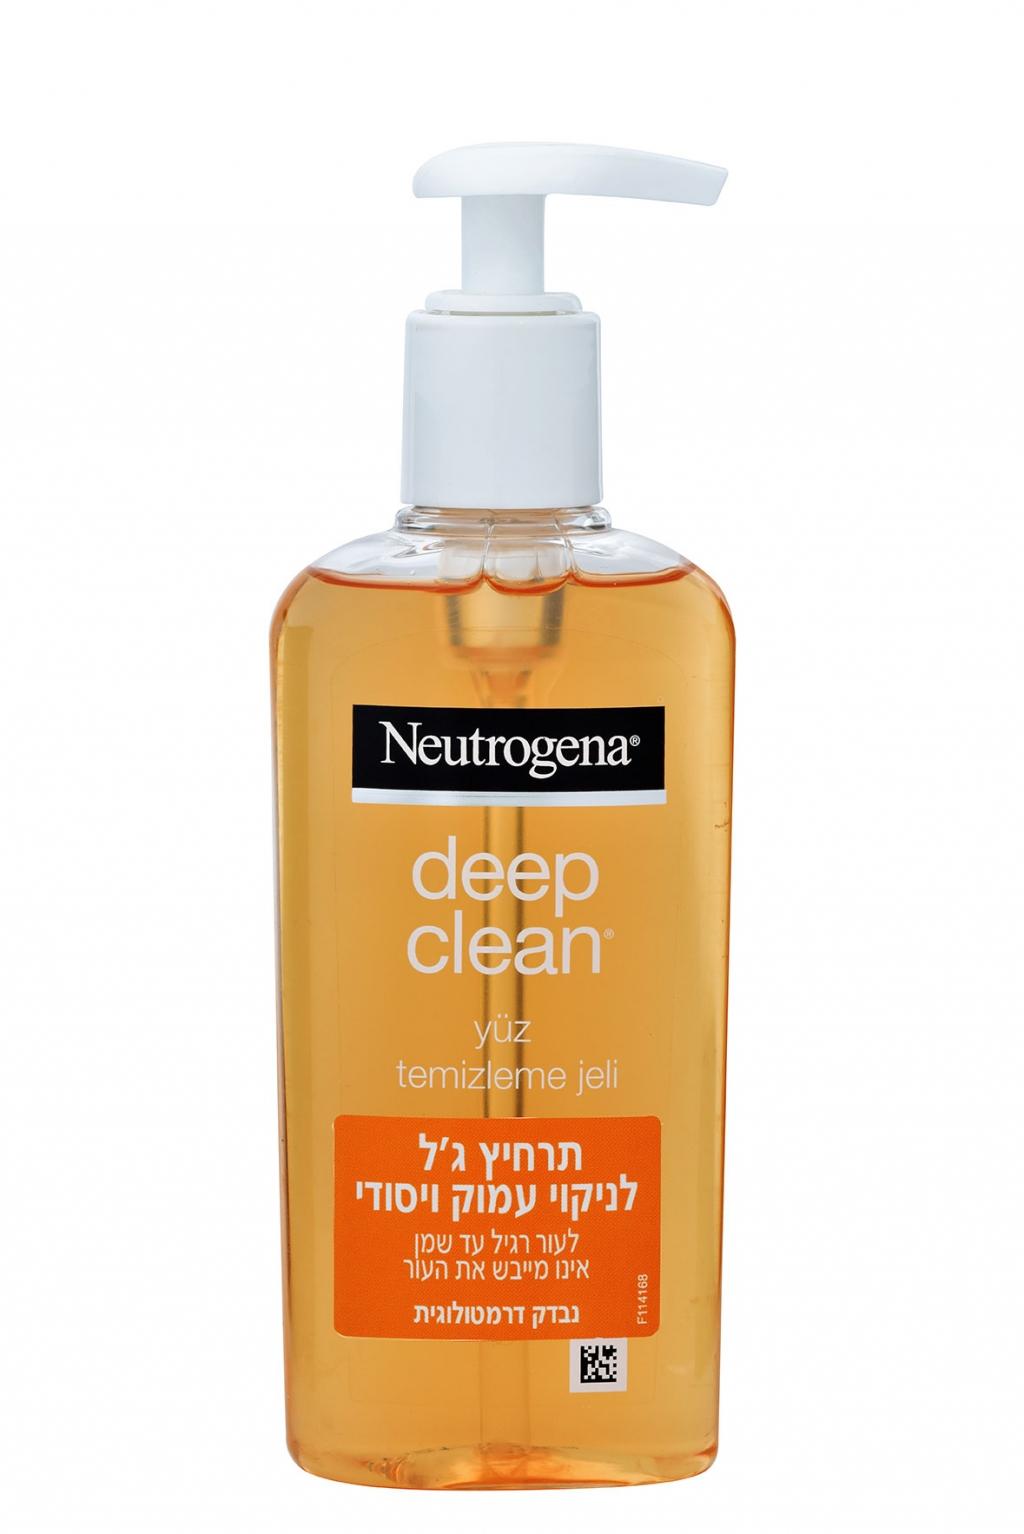 מנקה כה עמוק ומשפר את מראה העור ותחושתו